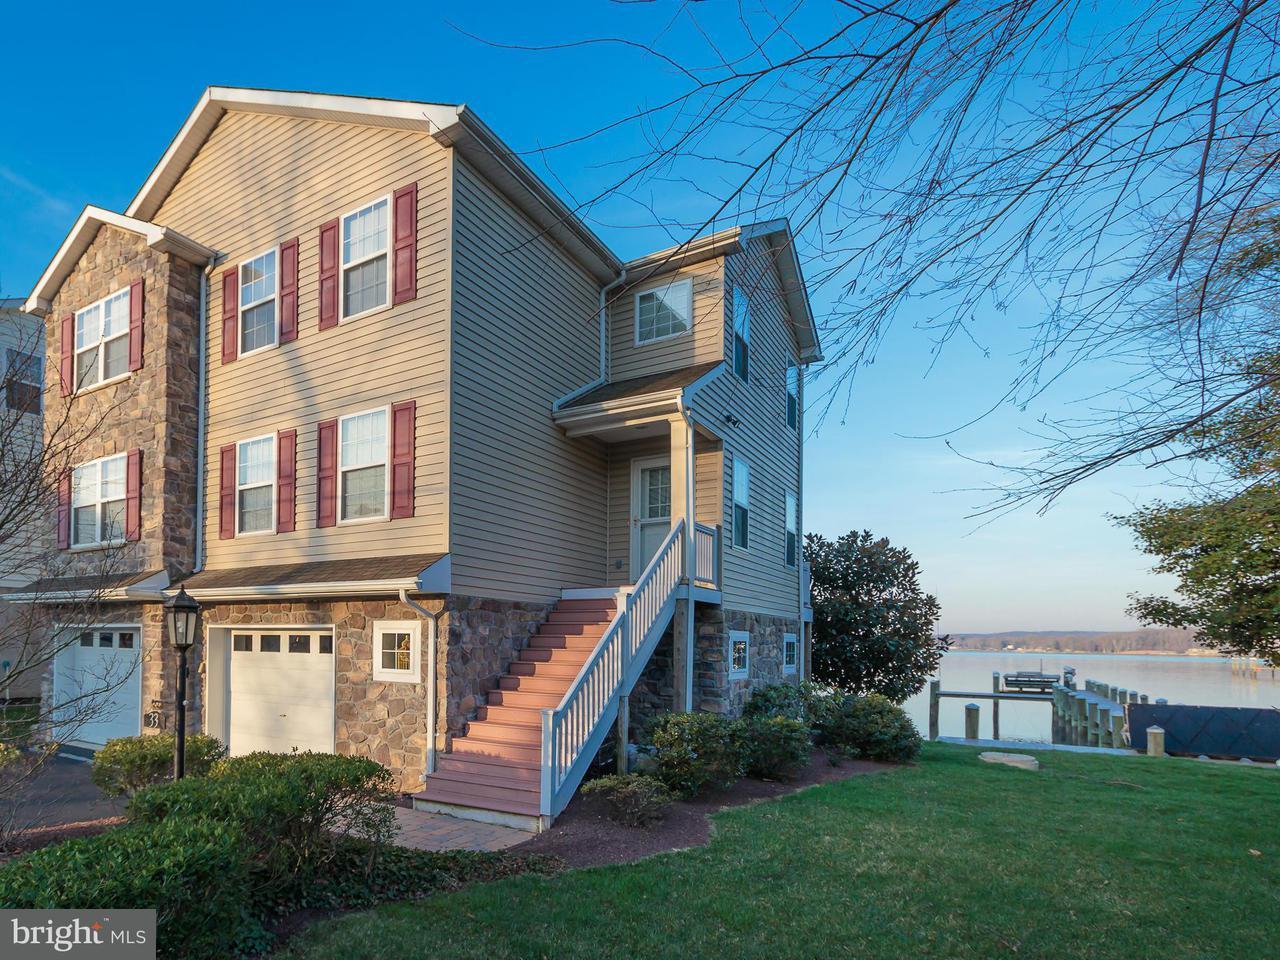 Частный односемейный дом для того Продажа на 33 RIVER Road 33 RIVER Road Elkton, Мэриленд 21921 Соединенные Штаты